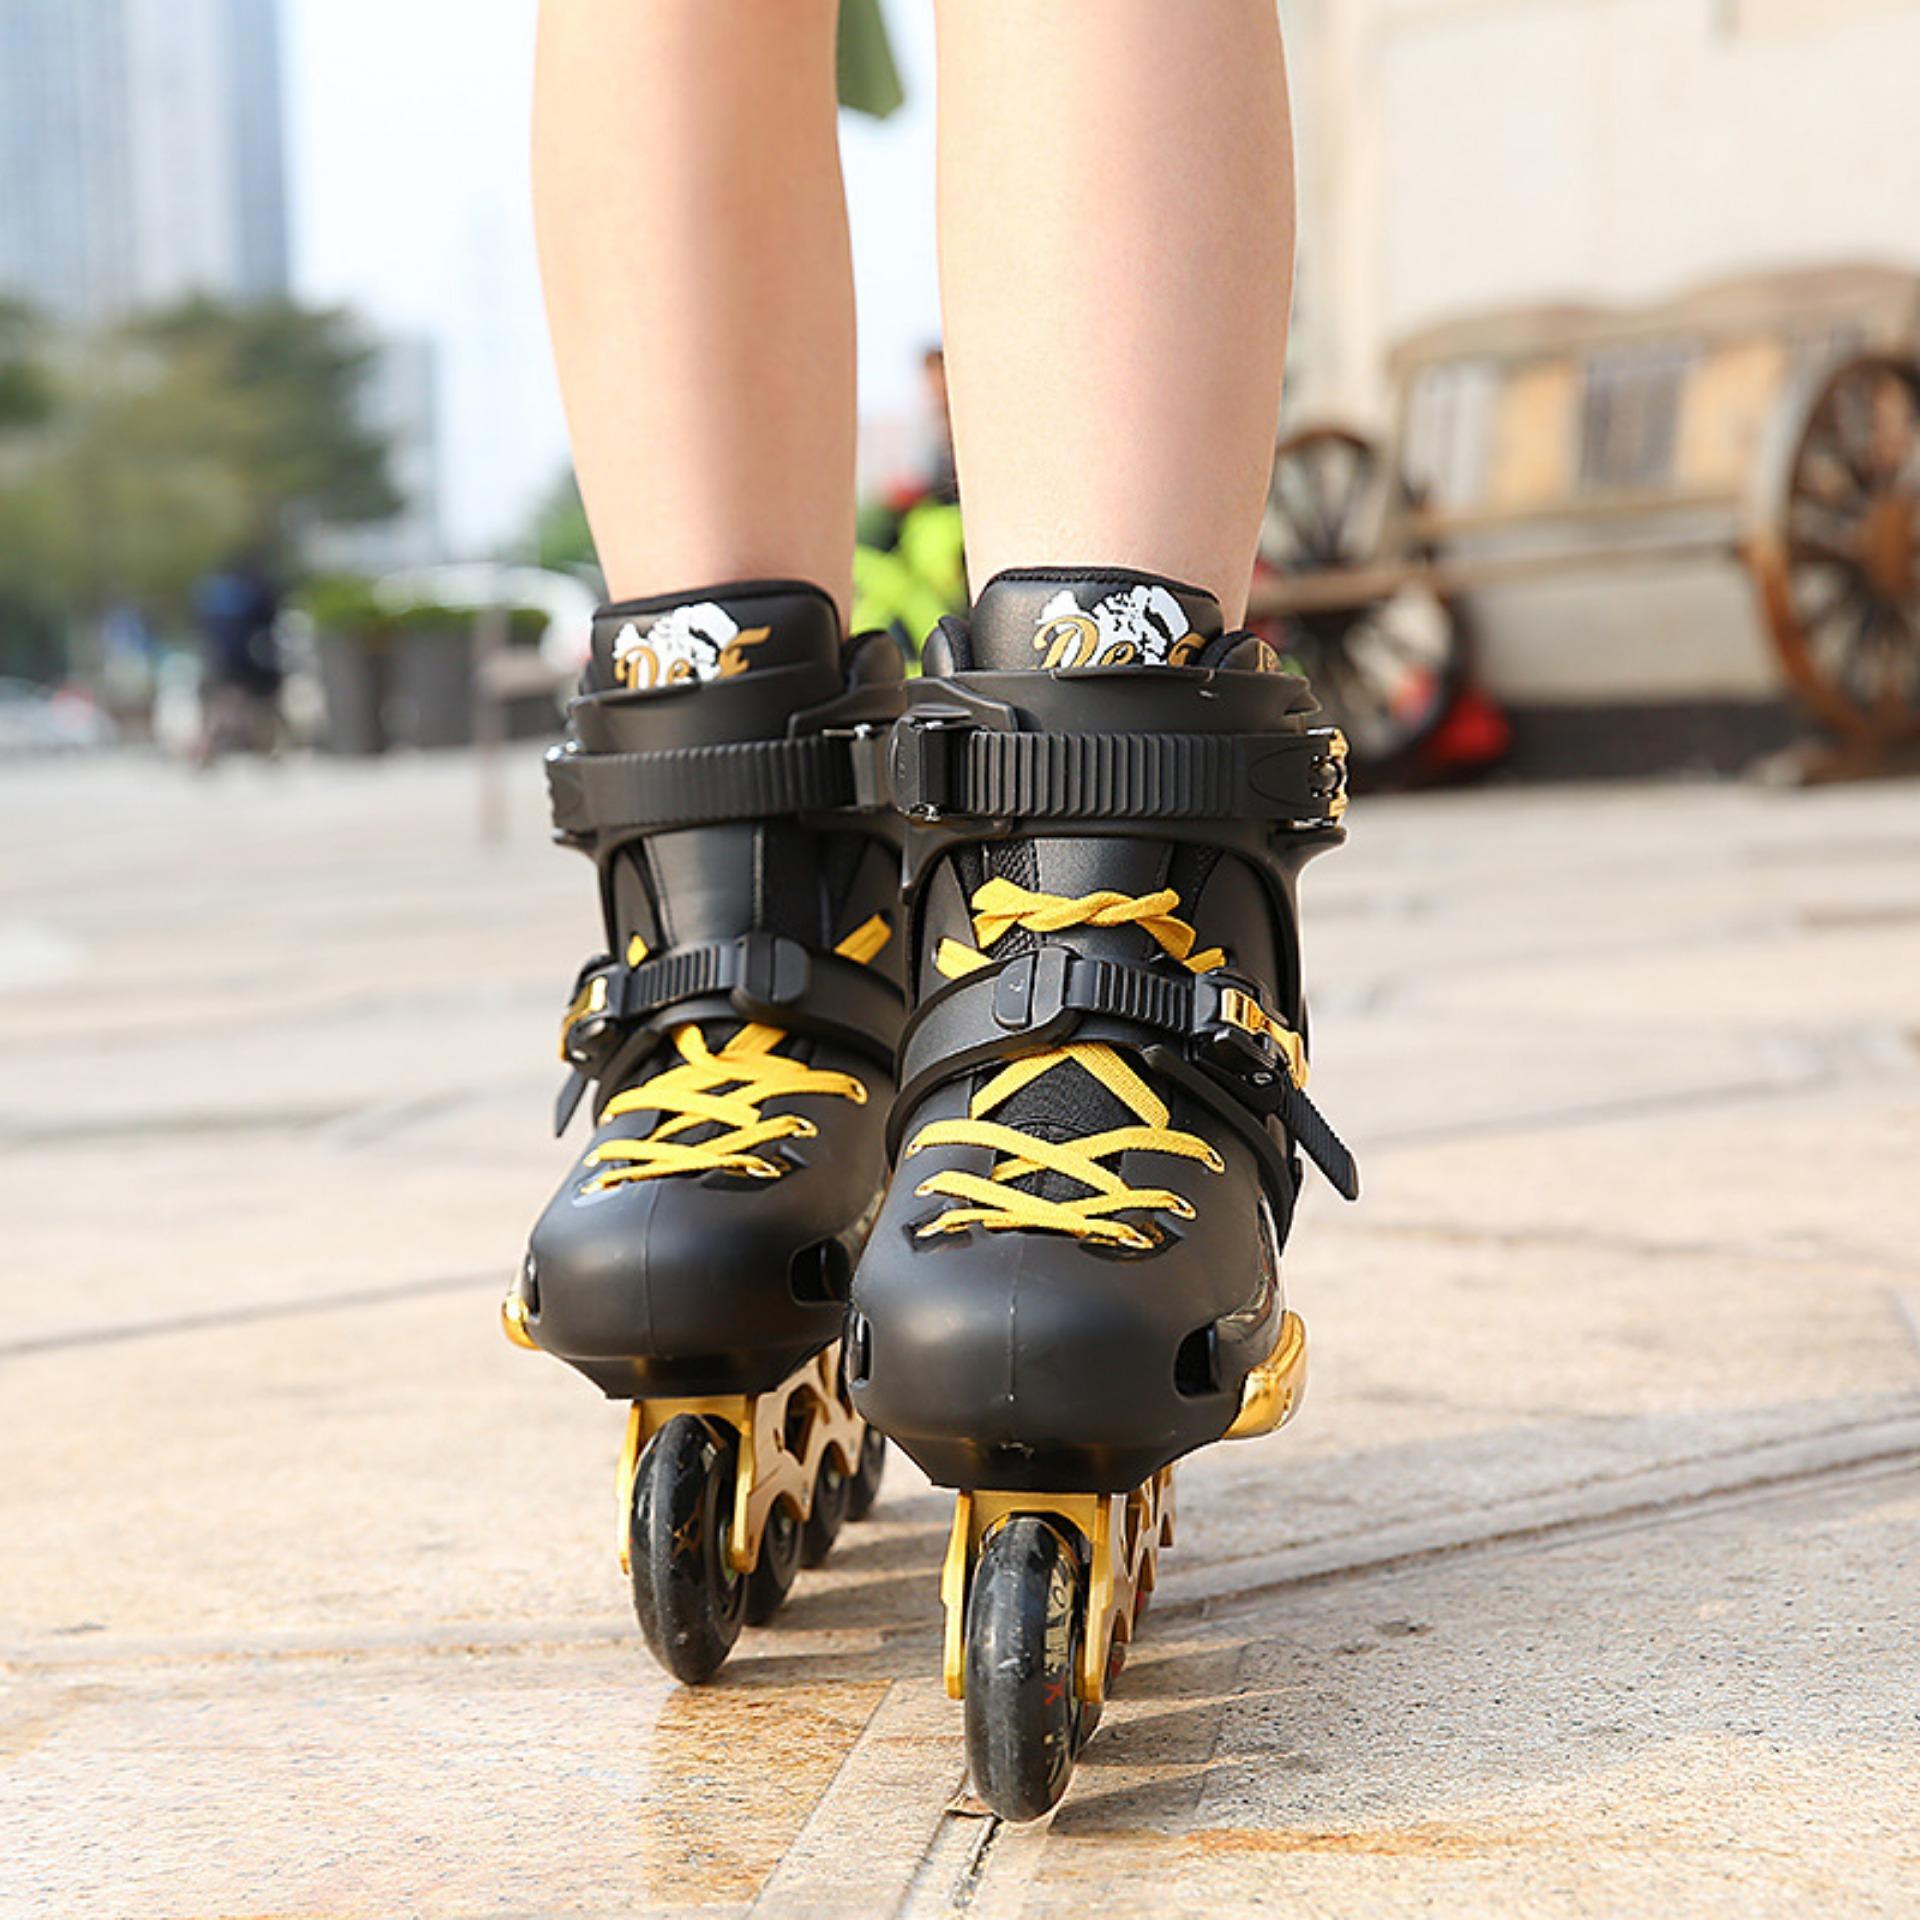 Trượt patin bám vào phương tiện đang lưu thông bị phạt bao nhiêu?